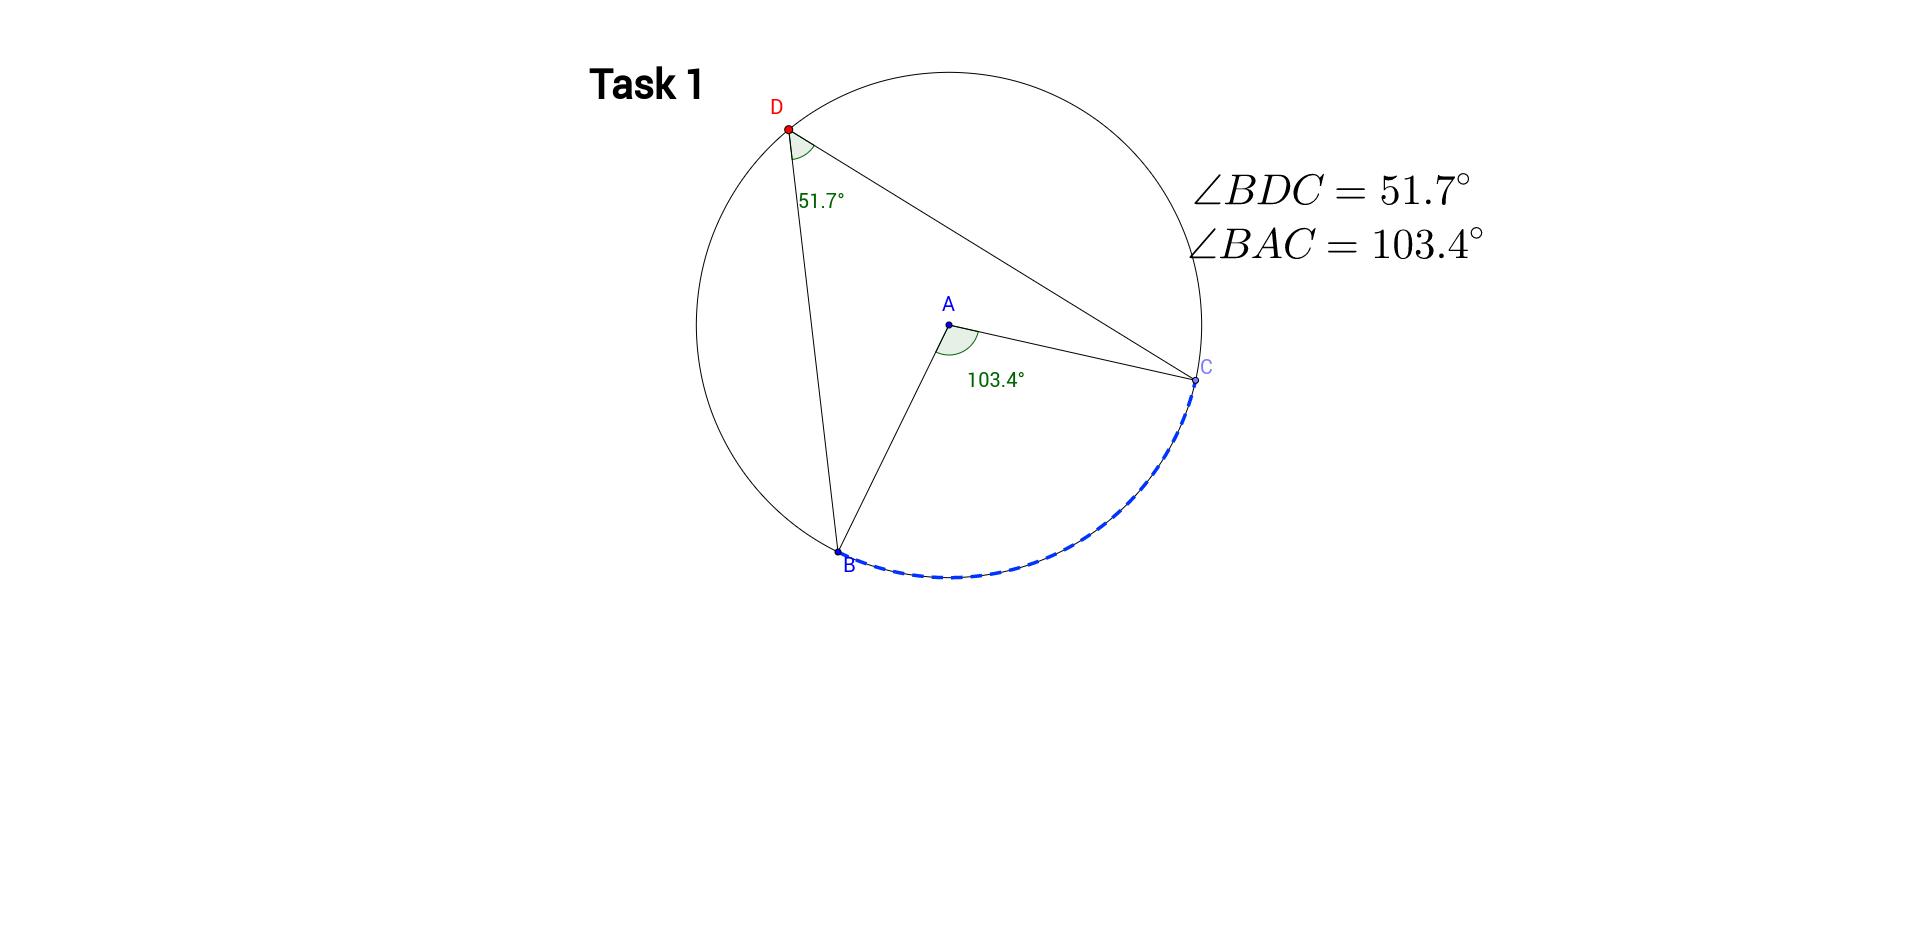 Dissertation - Task 1